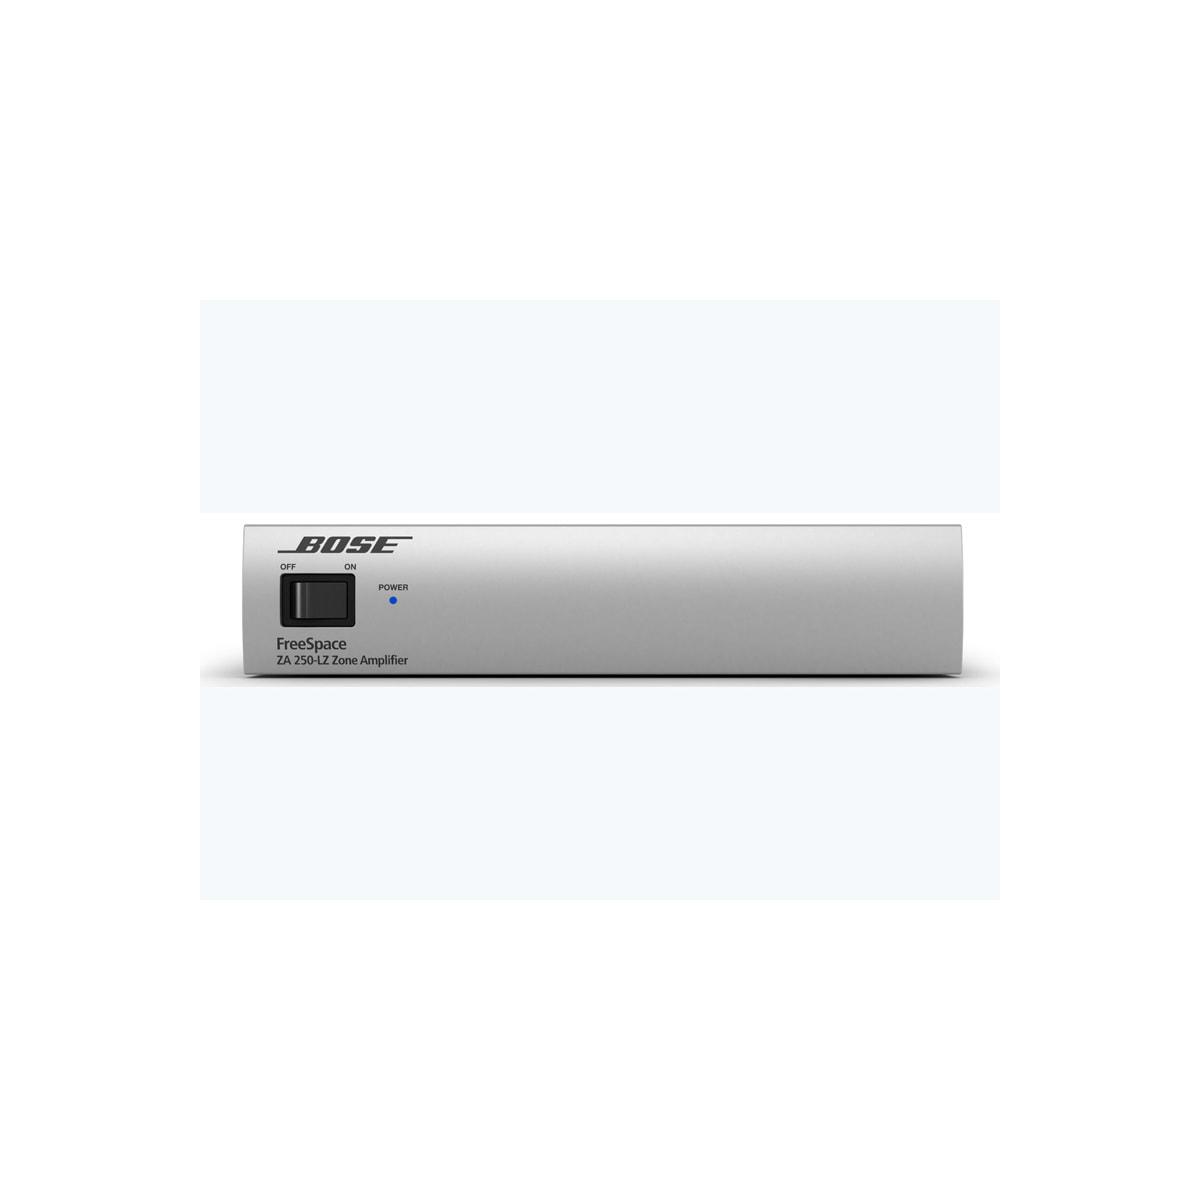 増設用コンパクトパワーアンプZA250-LZ